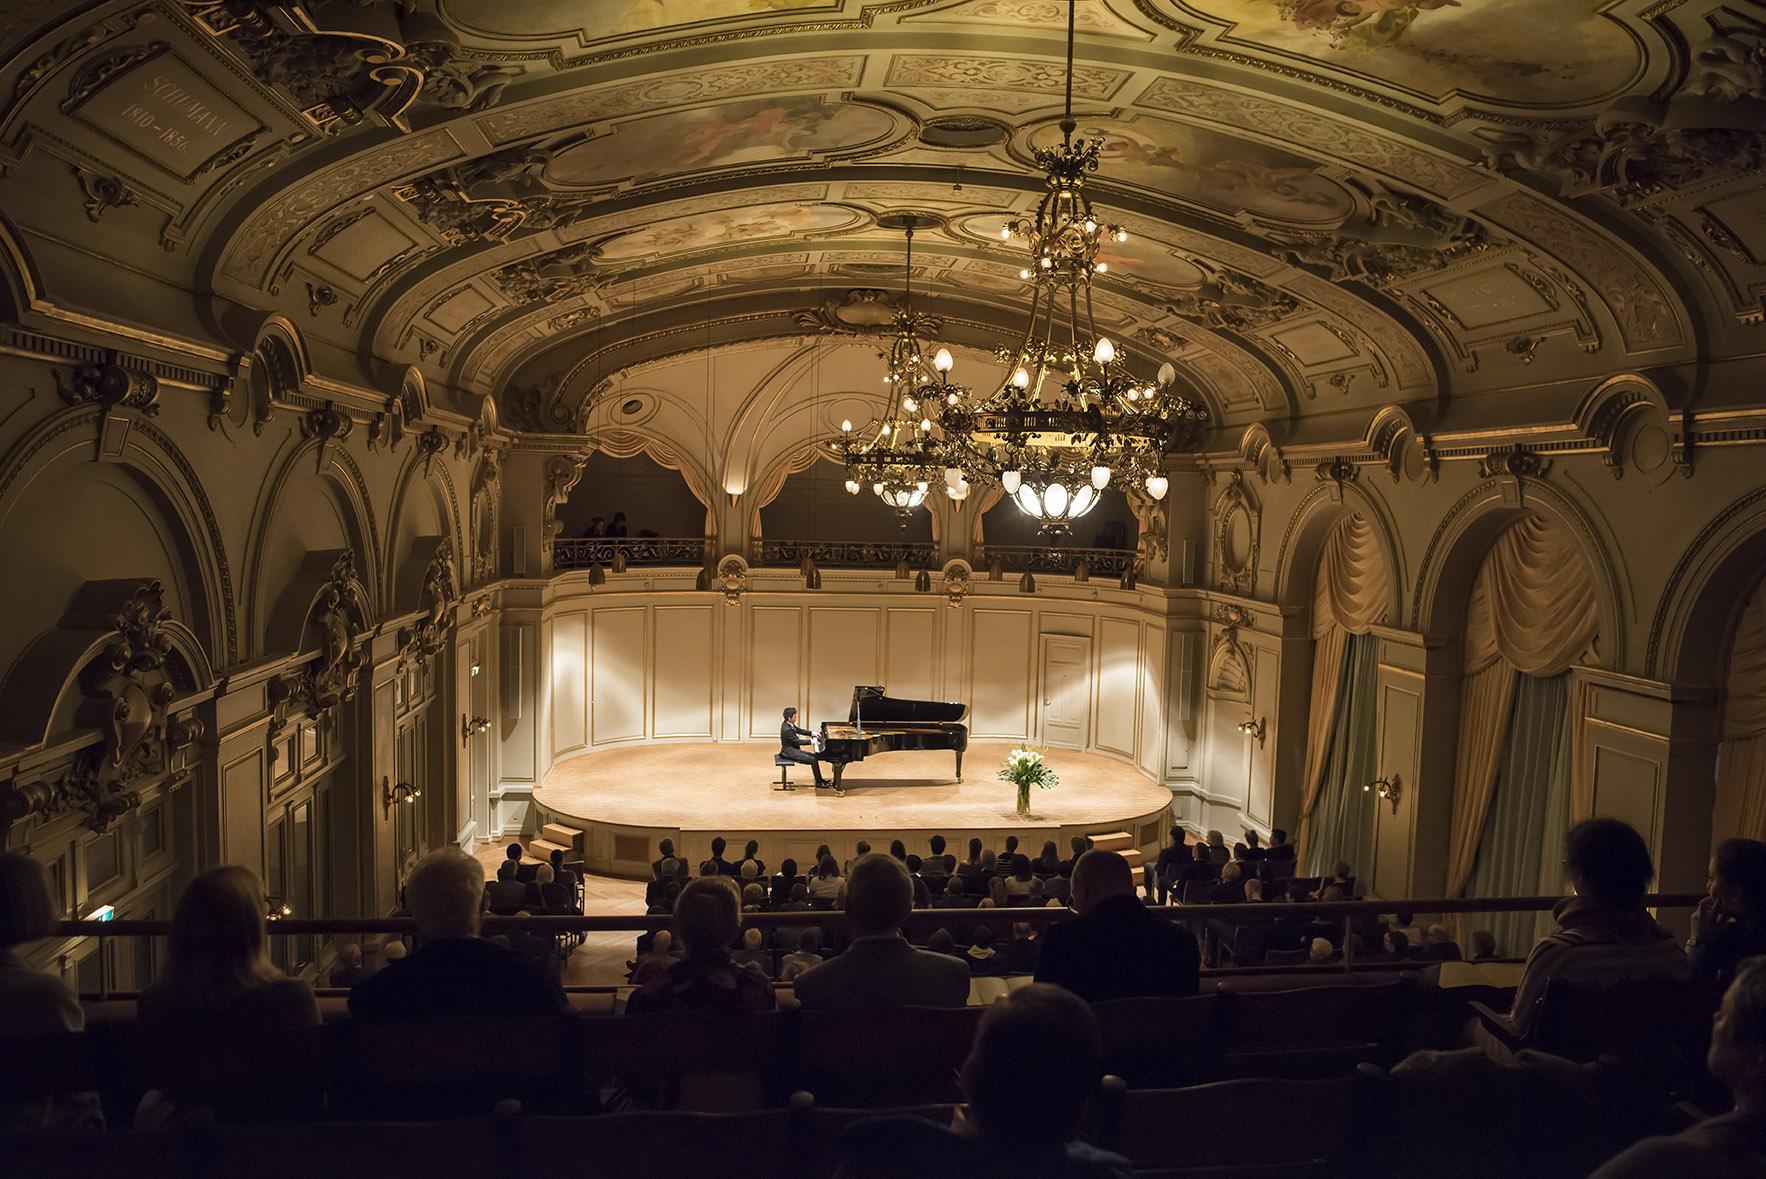 Benedek Horváth, 1. Preisträger Rahn Musikpreis 2016, V. Rahn Continuo Konzert 2017